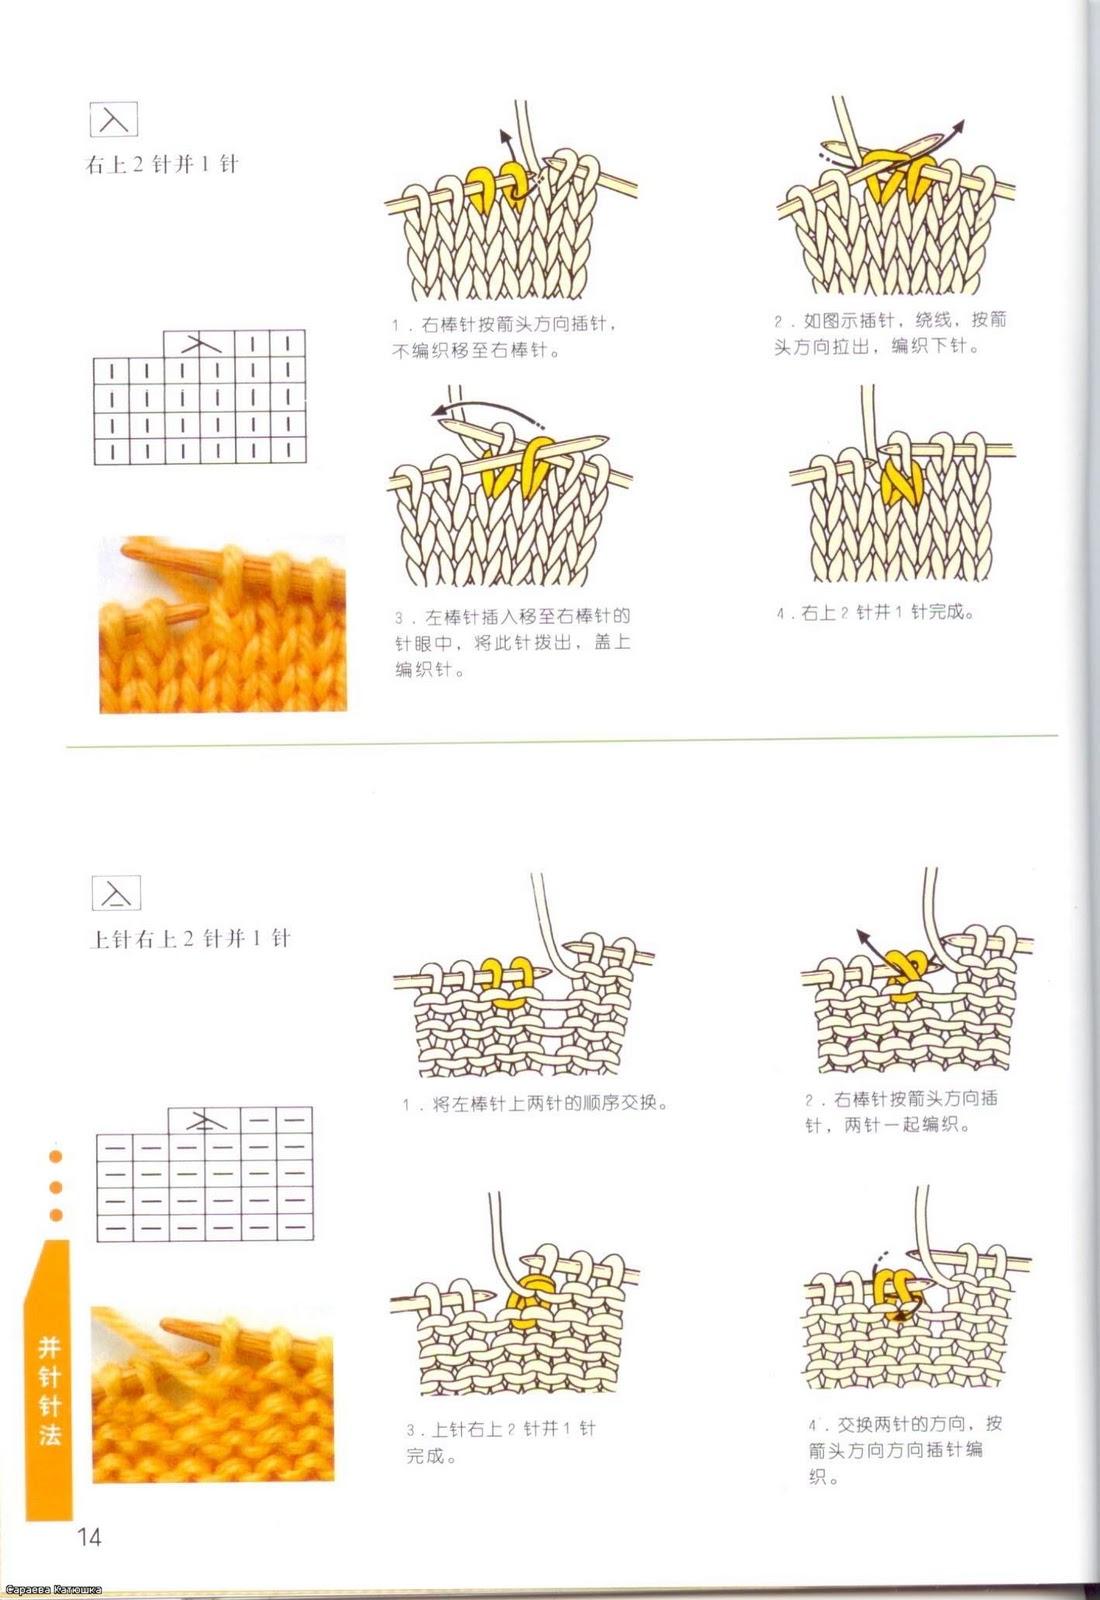 Вязание спицами обозначение схем в японских журналах